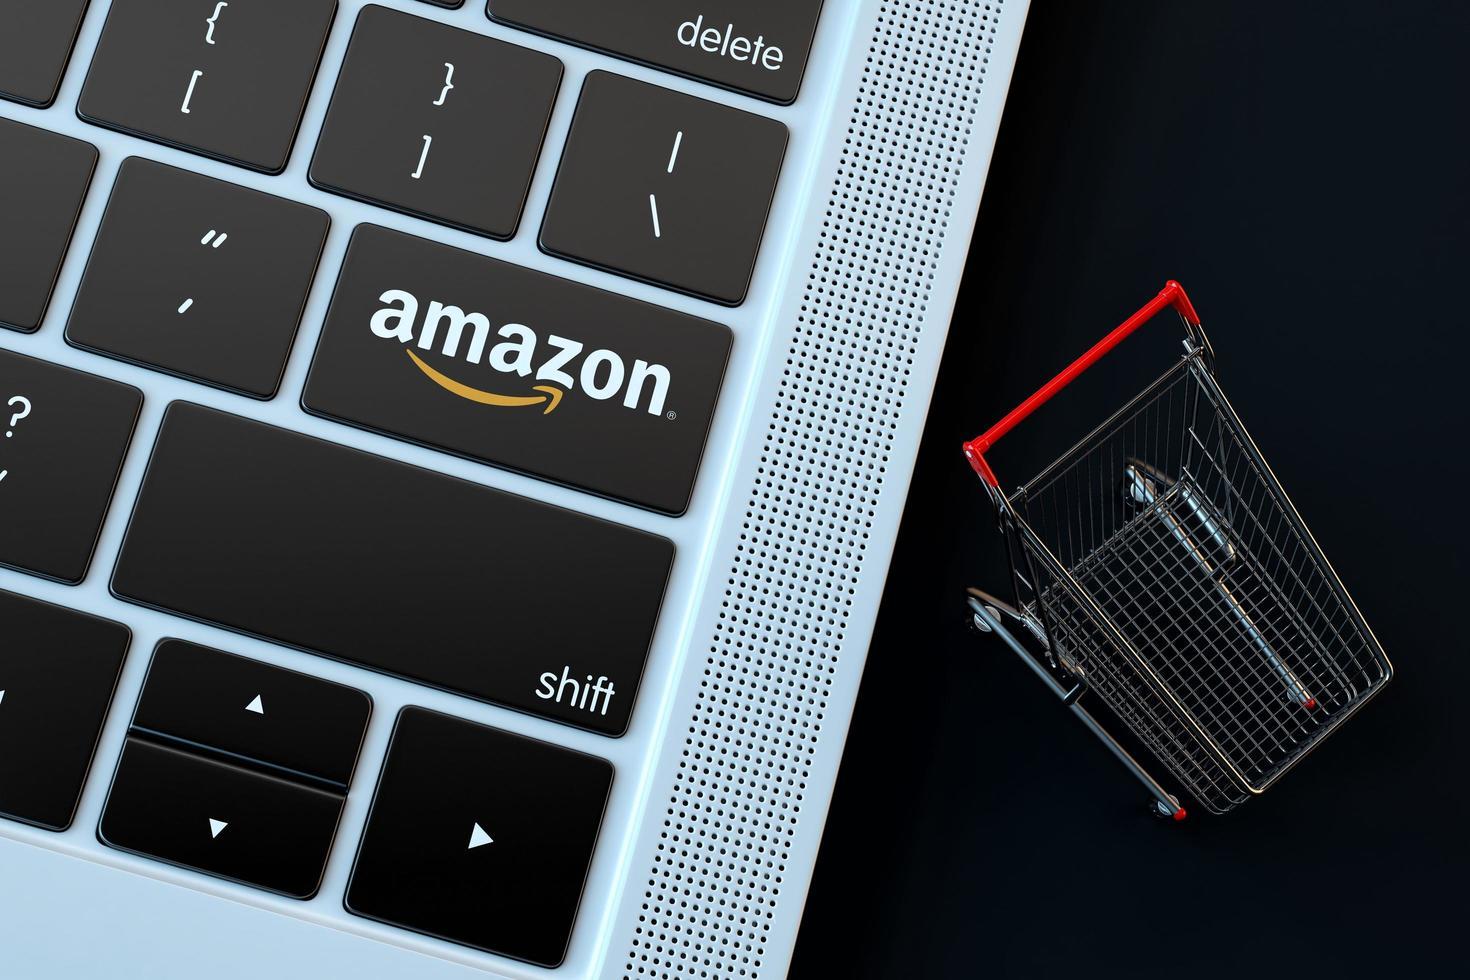 2018 - éditorial illustratif du logo amazon sur le clavier de l'ordinateur avec panier photo